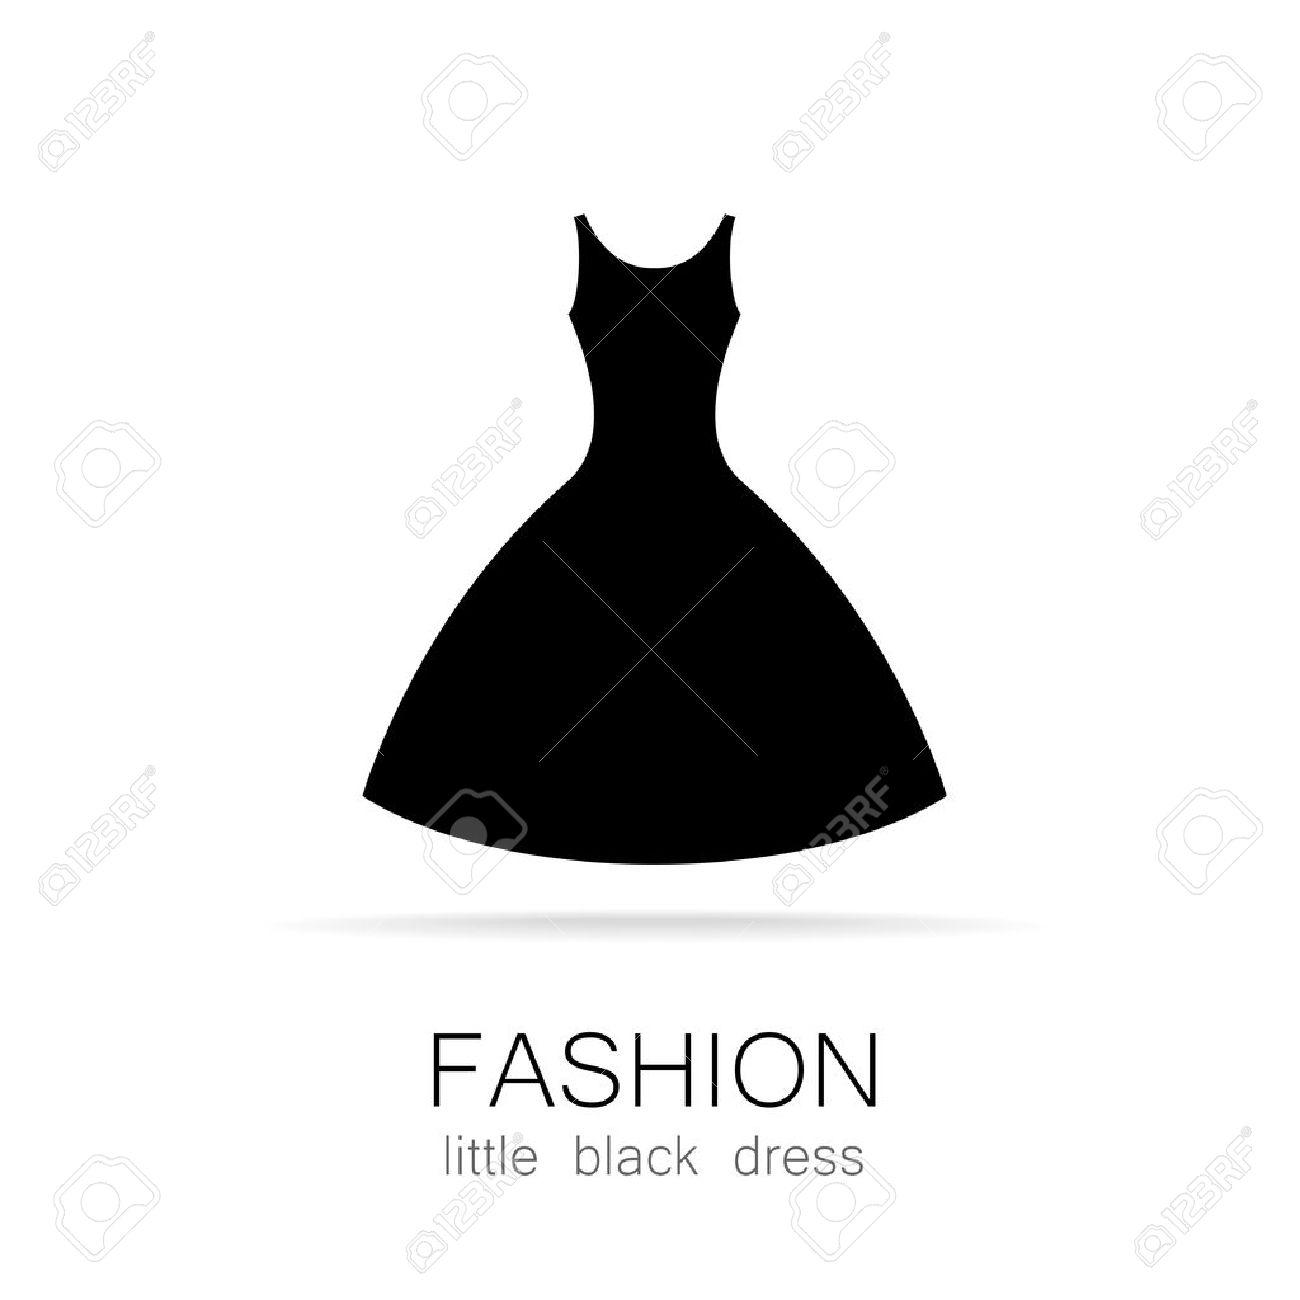 Negro Vestido - Moda Clásica. Logo Plantilla Para Una Tienda De Ropa ...